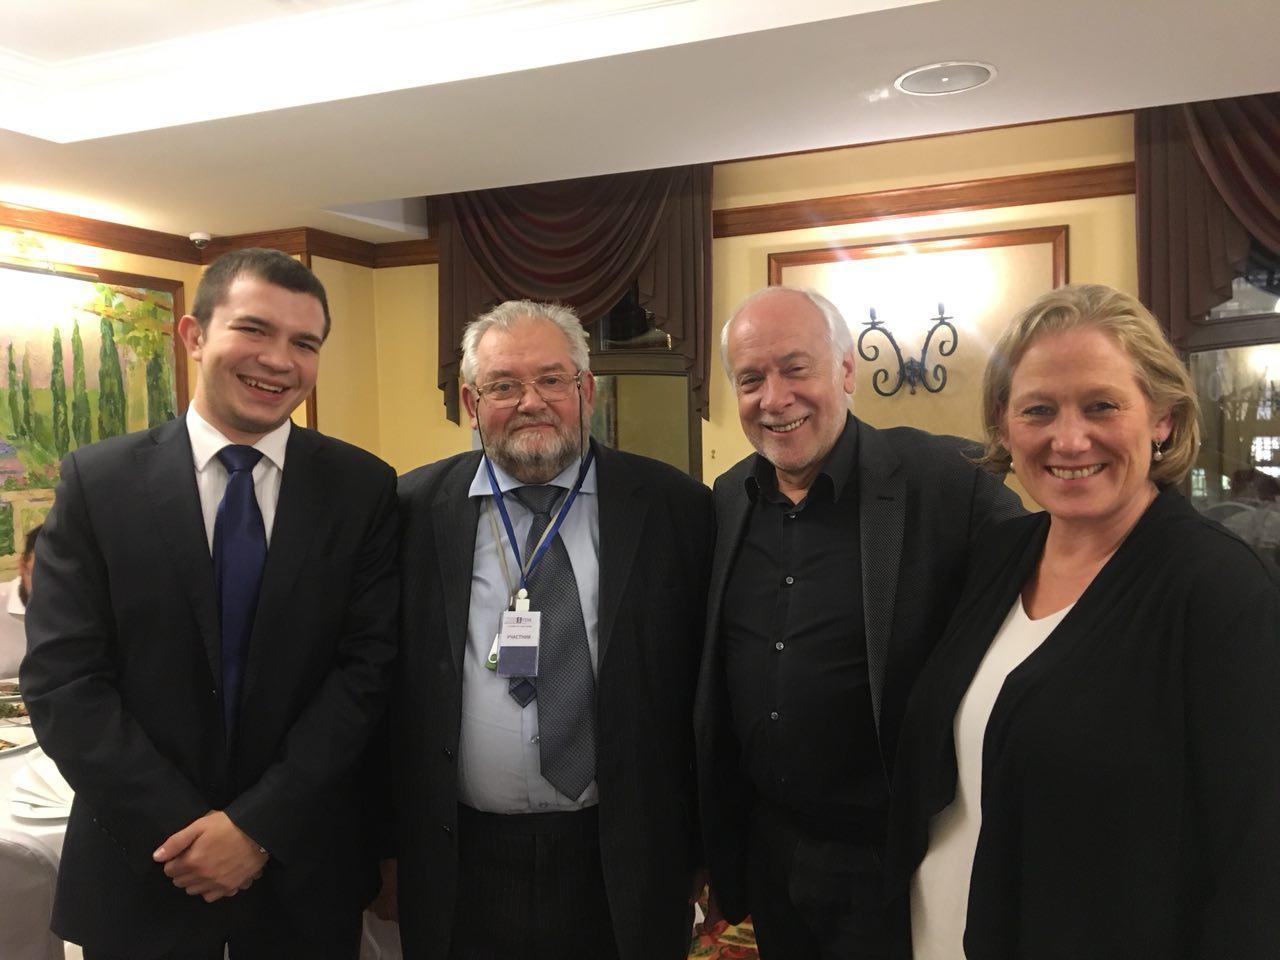 Кирилл Заведенский, Игорь Царьков, Энтони Маккей (со-основатель GELP) и Соня Шарп на саммите GELP